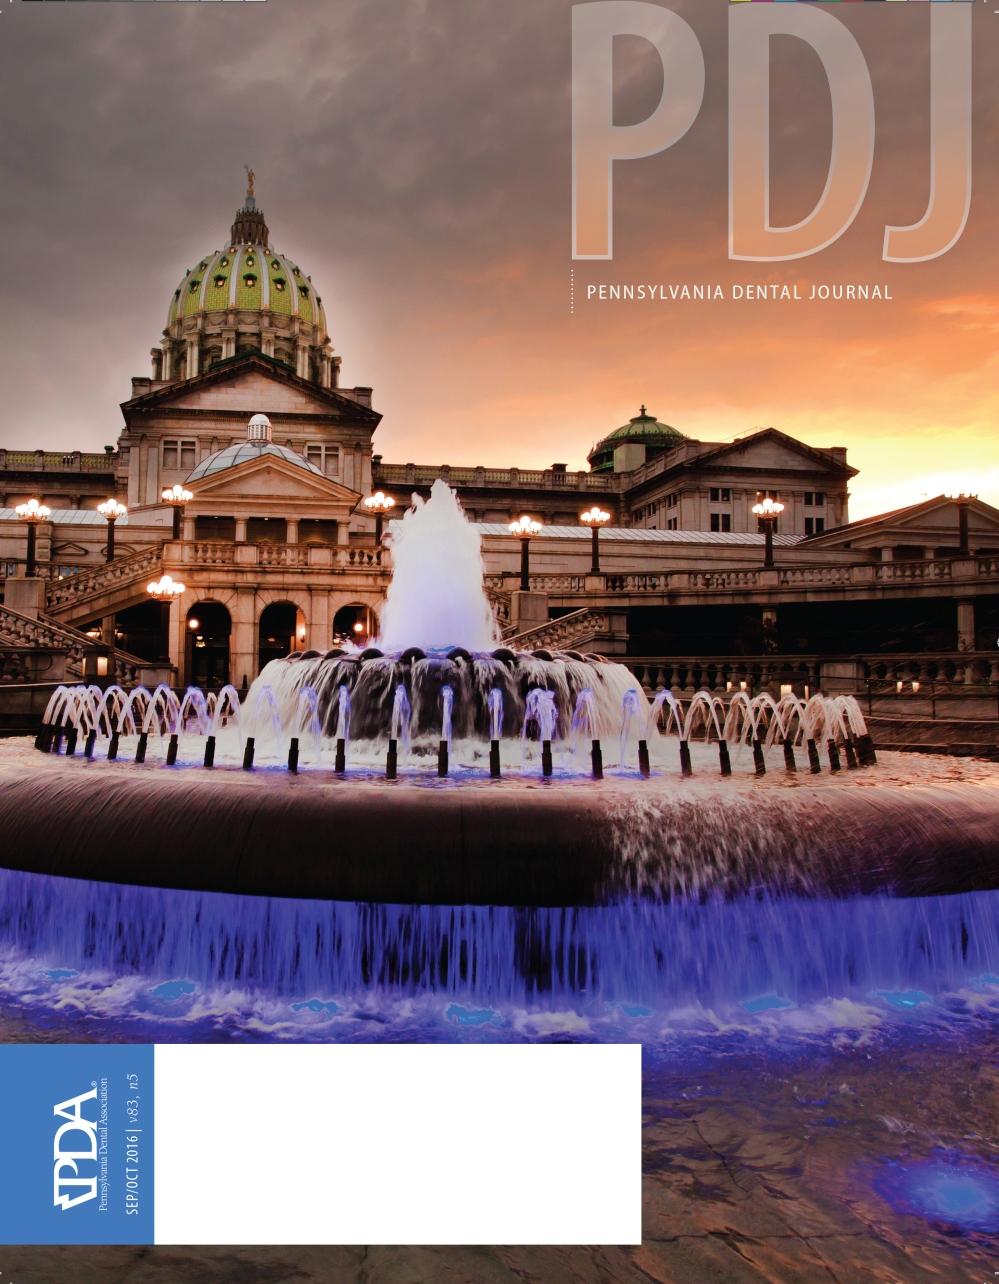 pdajournalsepoct2016v5printv2-11